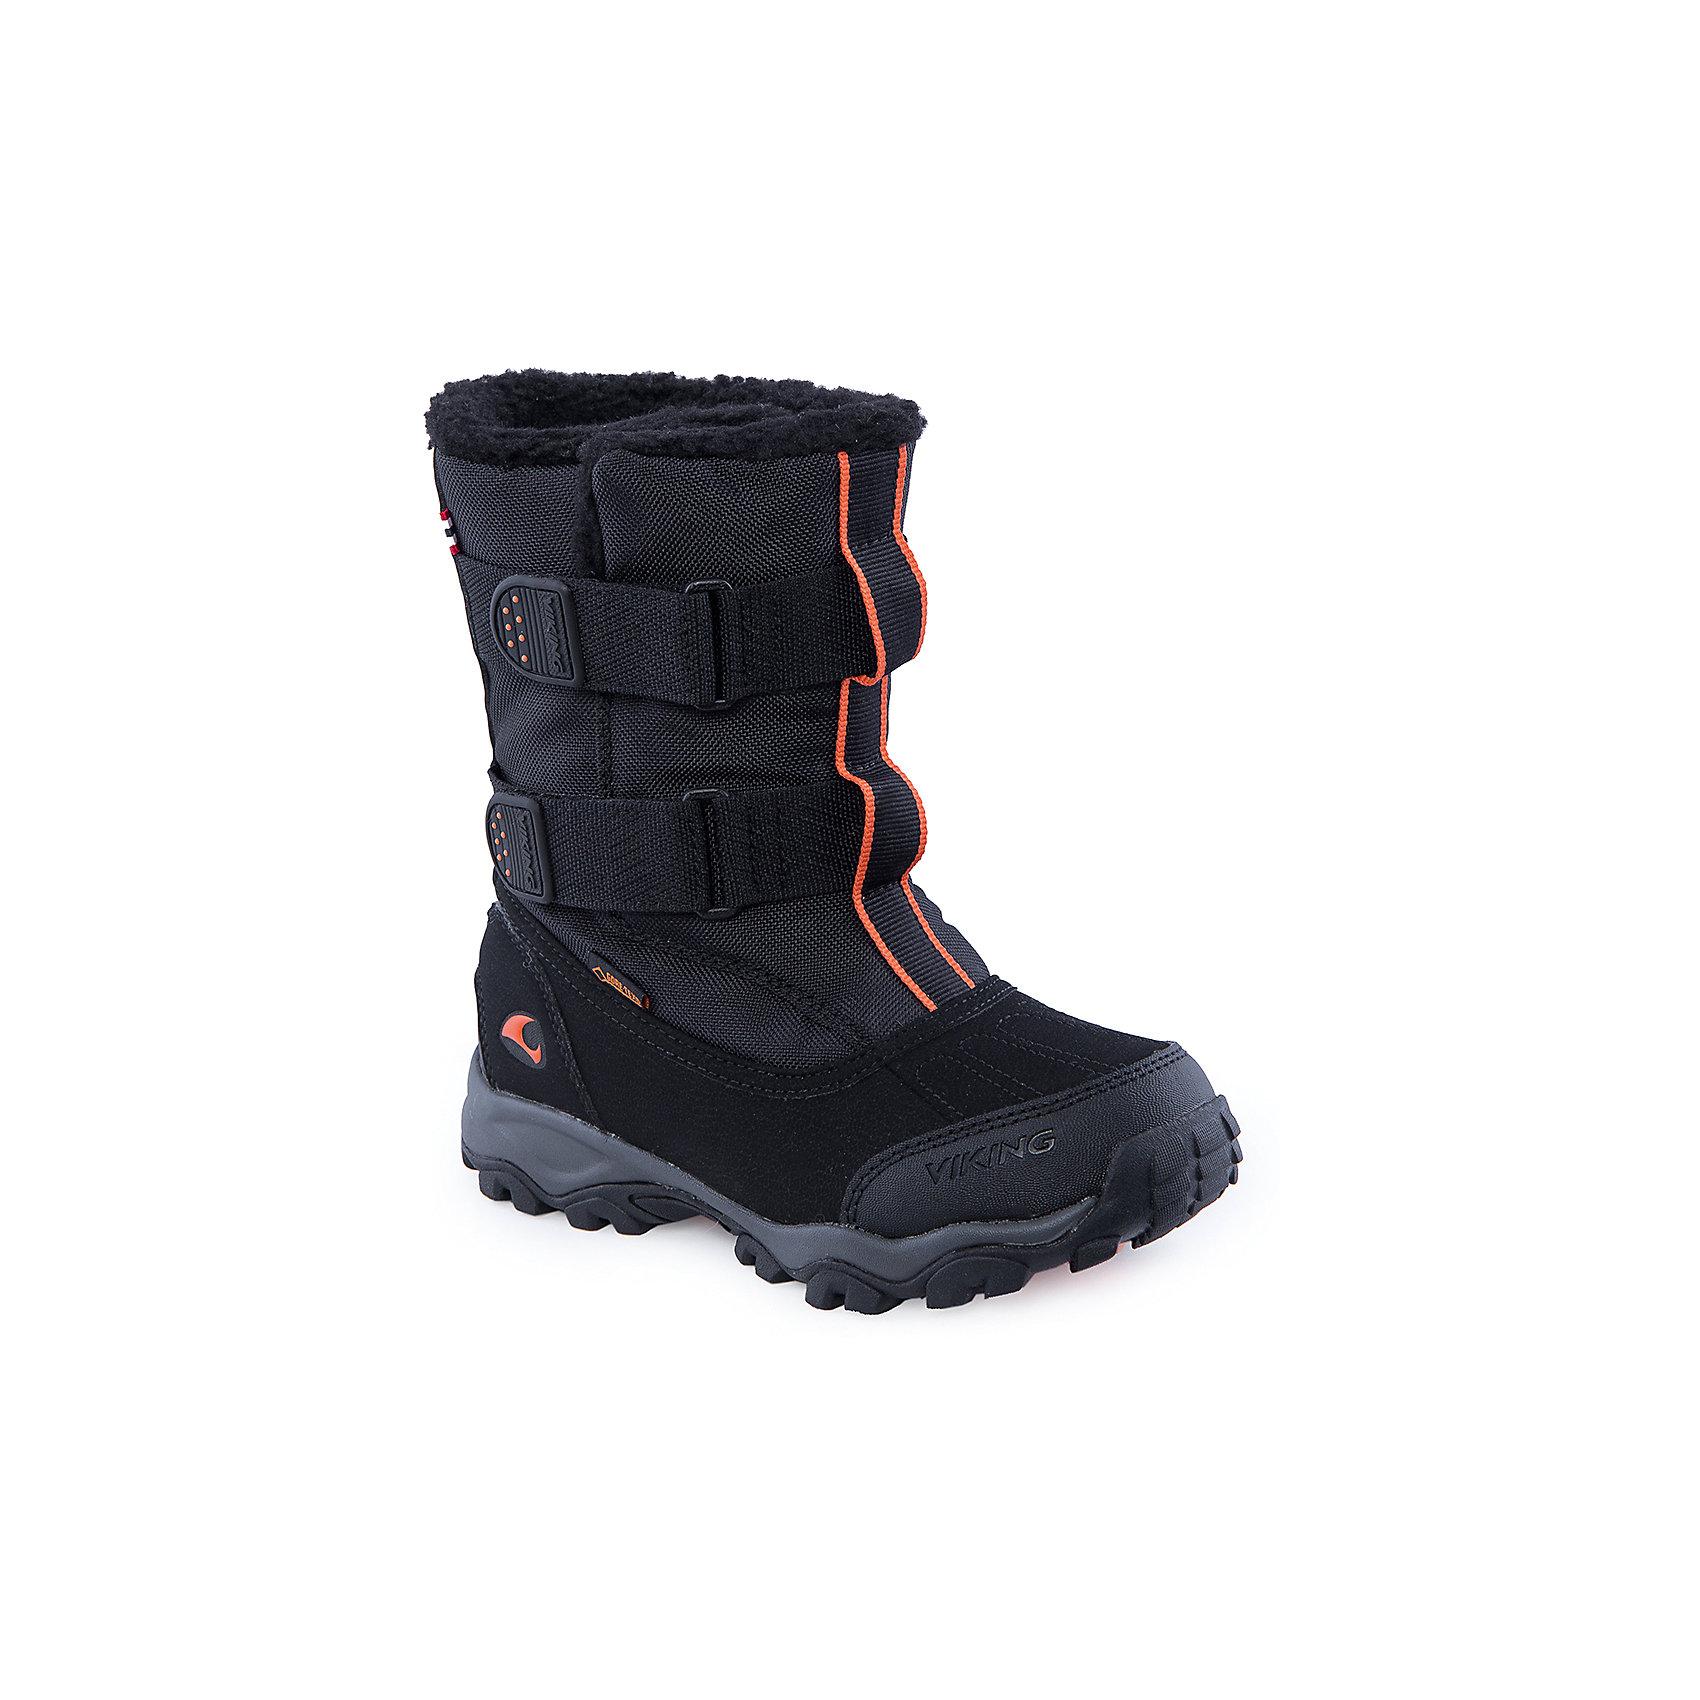 Сапоги для мальчика VikingСапоги<br>В самые сильные морозы, в самых глубоких сугробах эта обувь подарит тепло и комфорт. Ботинки с высоким голенищем сделаны из прочного синтетического материала и прекрасно сохраняют тепло за счёт шерстяной подкладки. Мембрана GORE-TEX® обеспечит водонепроницаемость, позволяя ногам дышать. Уникальная система липучек позволяет легко одевать обувь на любой подъём и застёгивать её точно по ноге. Надёжная резиновая подошва обеспечит отличное сцепление с любой поверхностью. Широкий носок подарит дополнительный комфорт и тепло ногам<br>Состав: Материал верха: 80% текстиль, 20% искусственная кожа<br>Материал подклада: мембранная подкладка GORE-TEX<br><br>Ширина мм: 262<br>Глубина мм: 176<br>Высота мм: 97<br>Вес г: 427<br>Цвет: черный<br>Возраст от месяцев: 84<br>Возраст до месяцев: 96<br>Пол: Мужской<br>Возраст: Детский<br>Размер: 31,38,30,33,36,32,34,35,37<br>SKU: 4279245